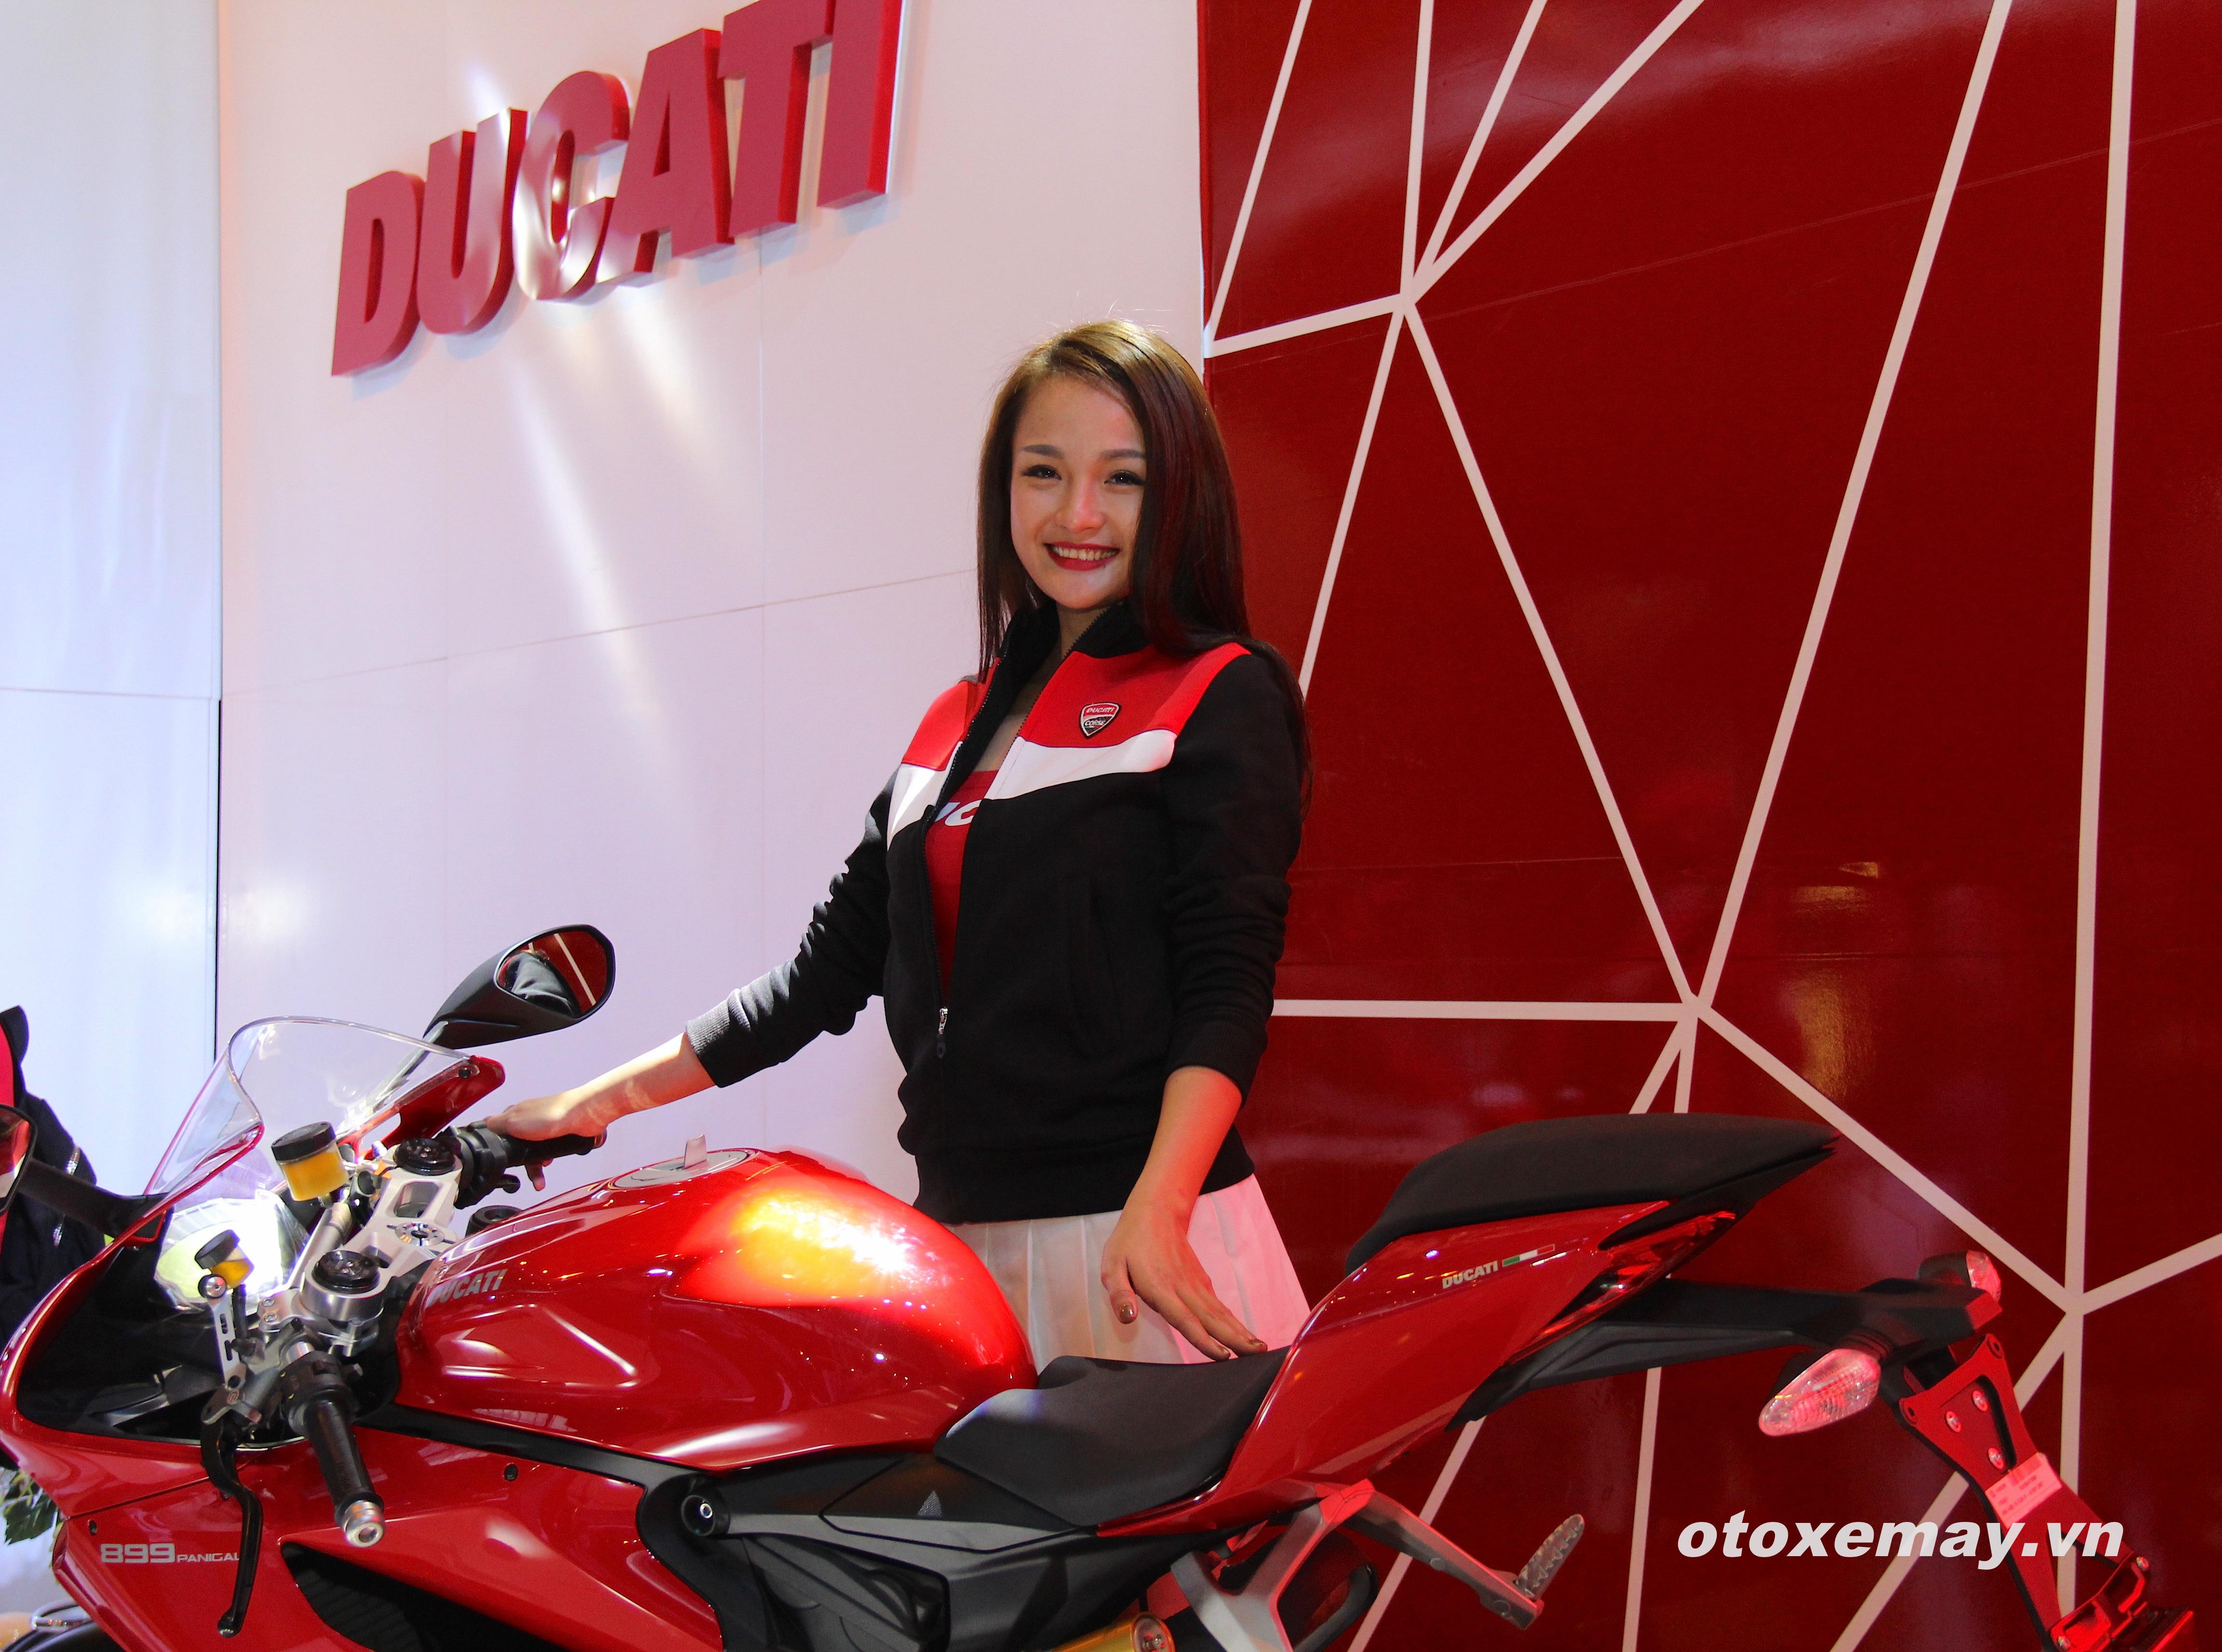 VIMS 2015: D.O.C Miền Bắc chính thức nhập hội Ducatisti thế giới_pic6